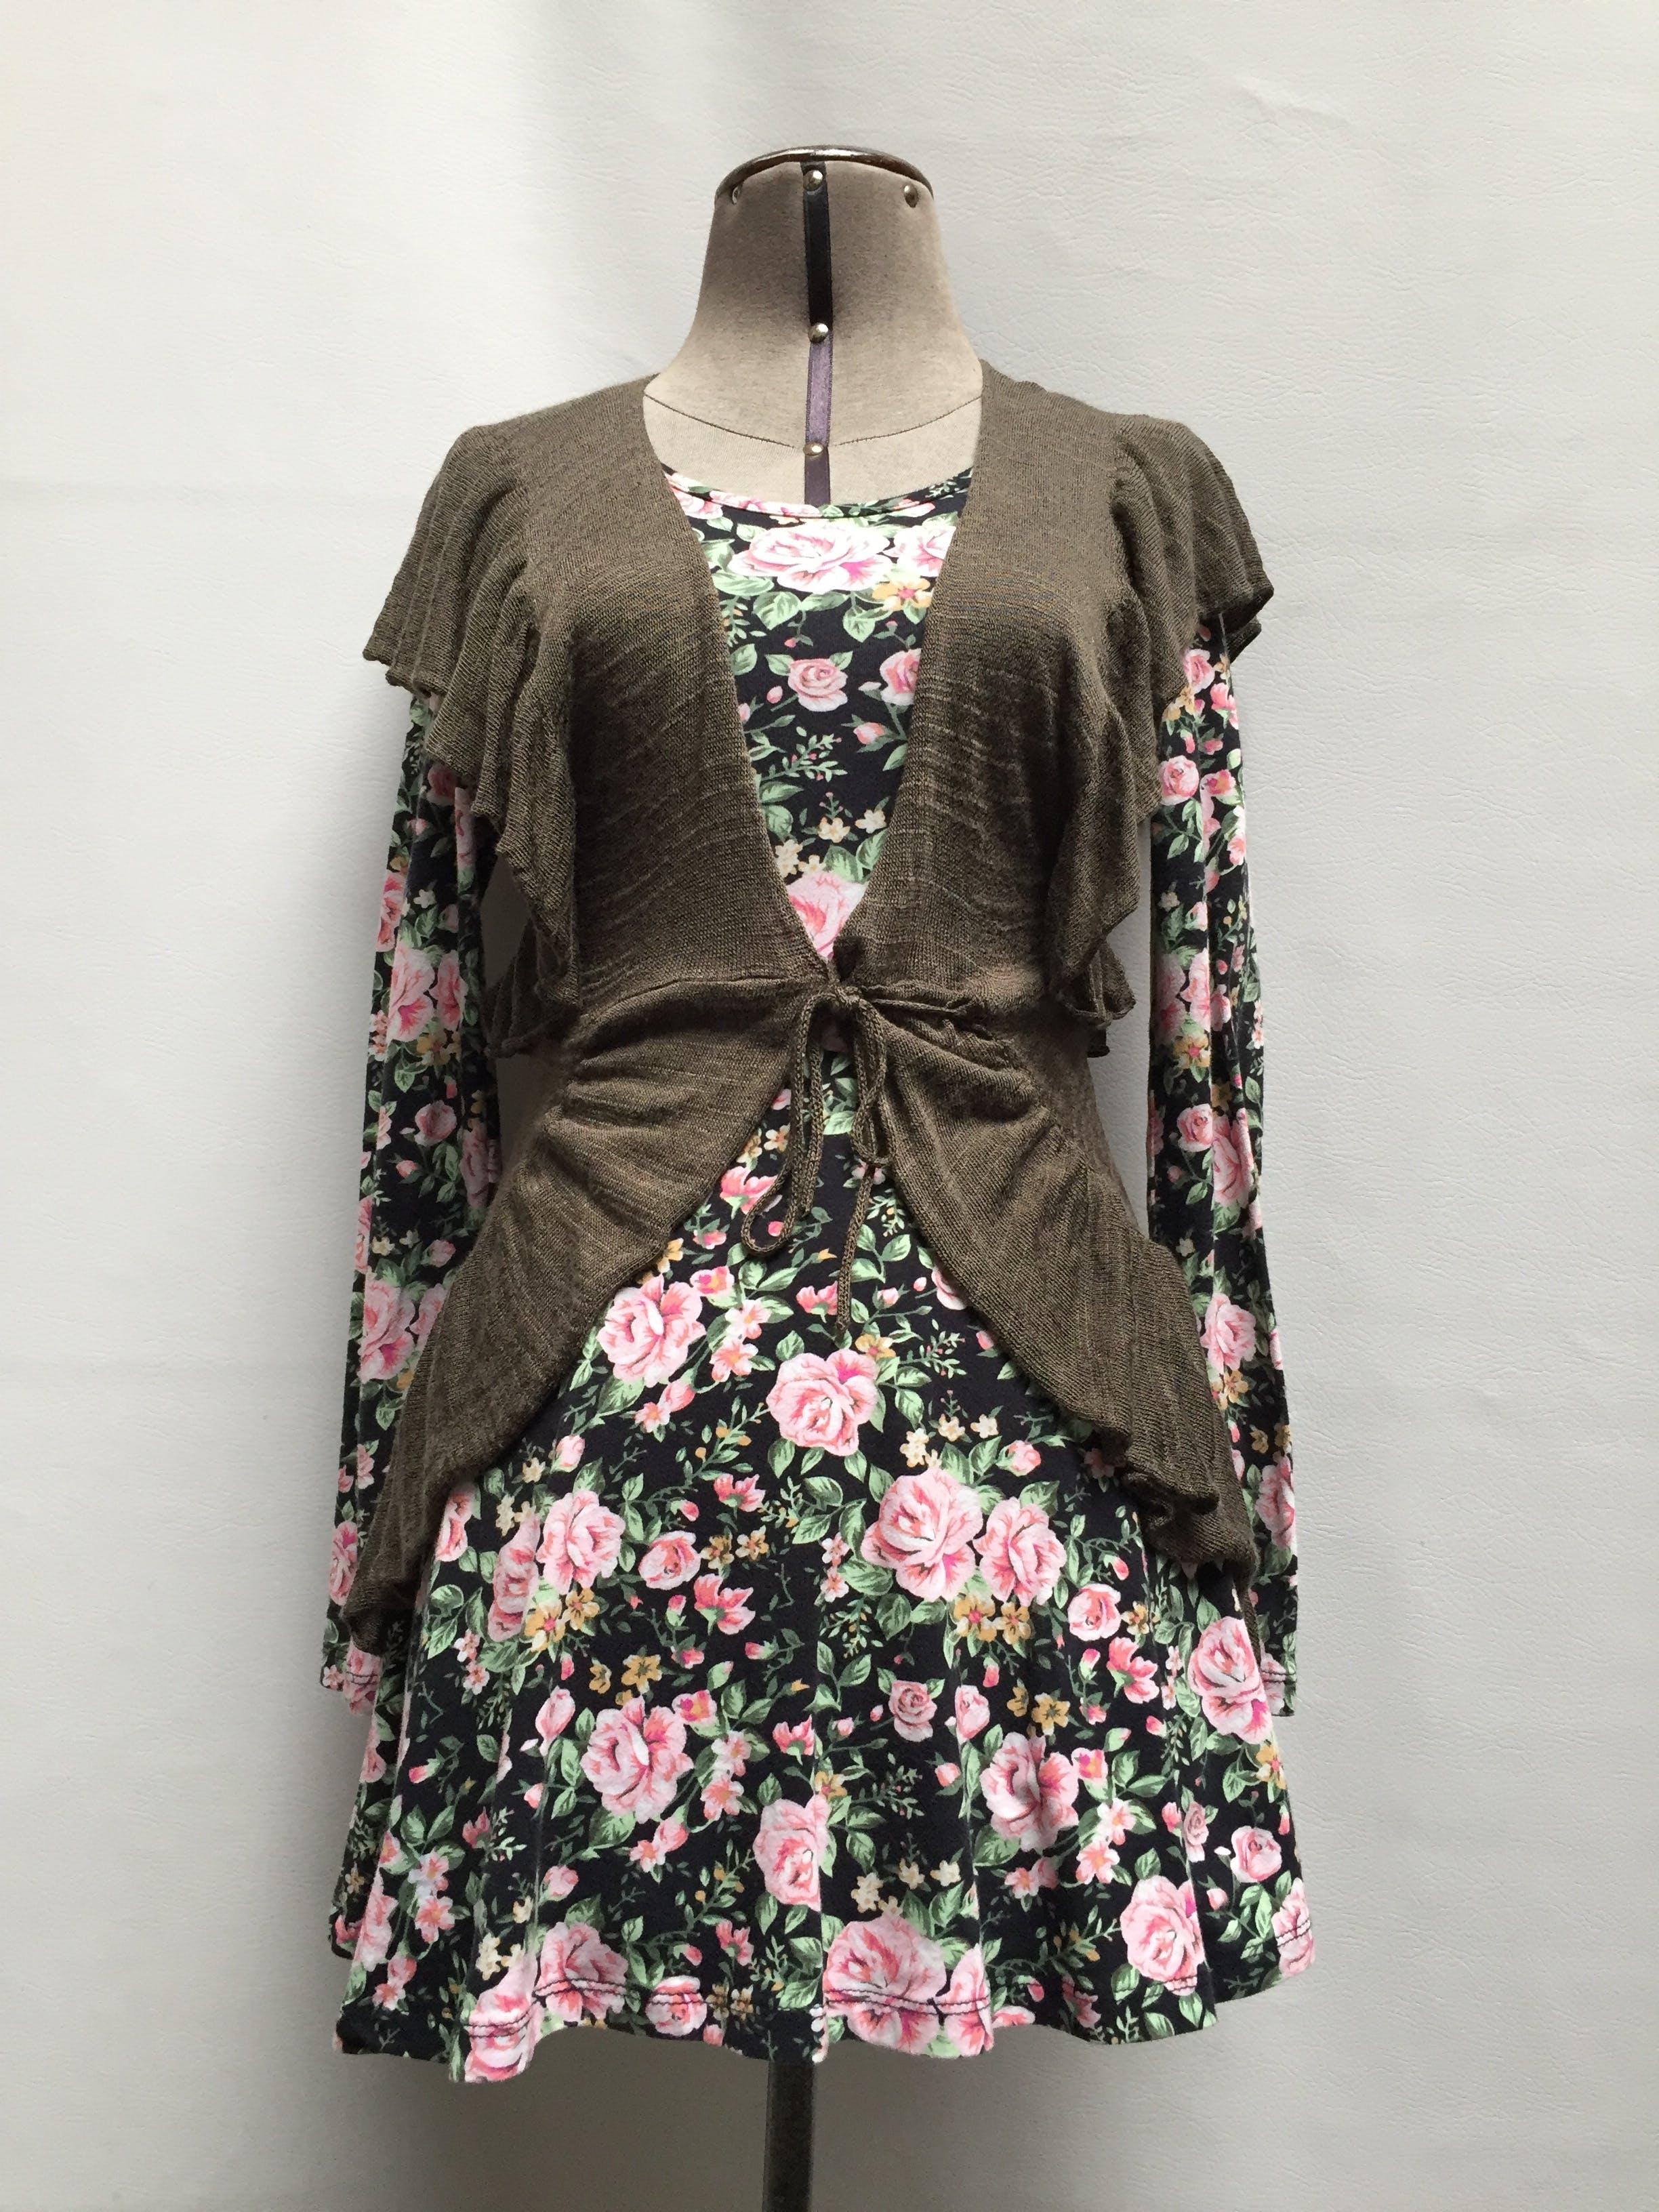 Vestido corto 95% algodón color negro con estampado de flores rosadas, corte en la cintura y falda campana Talla S